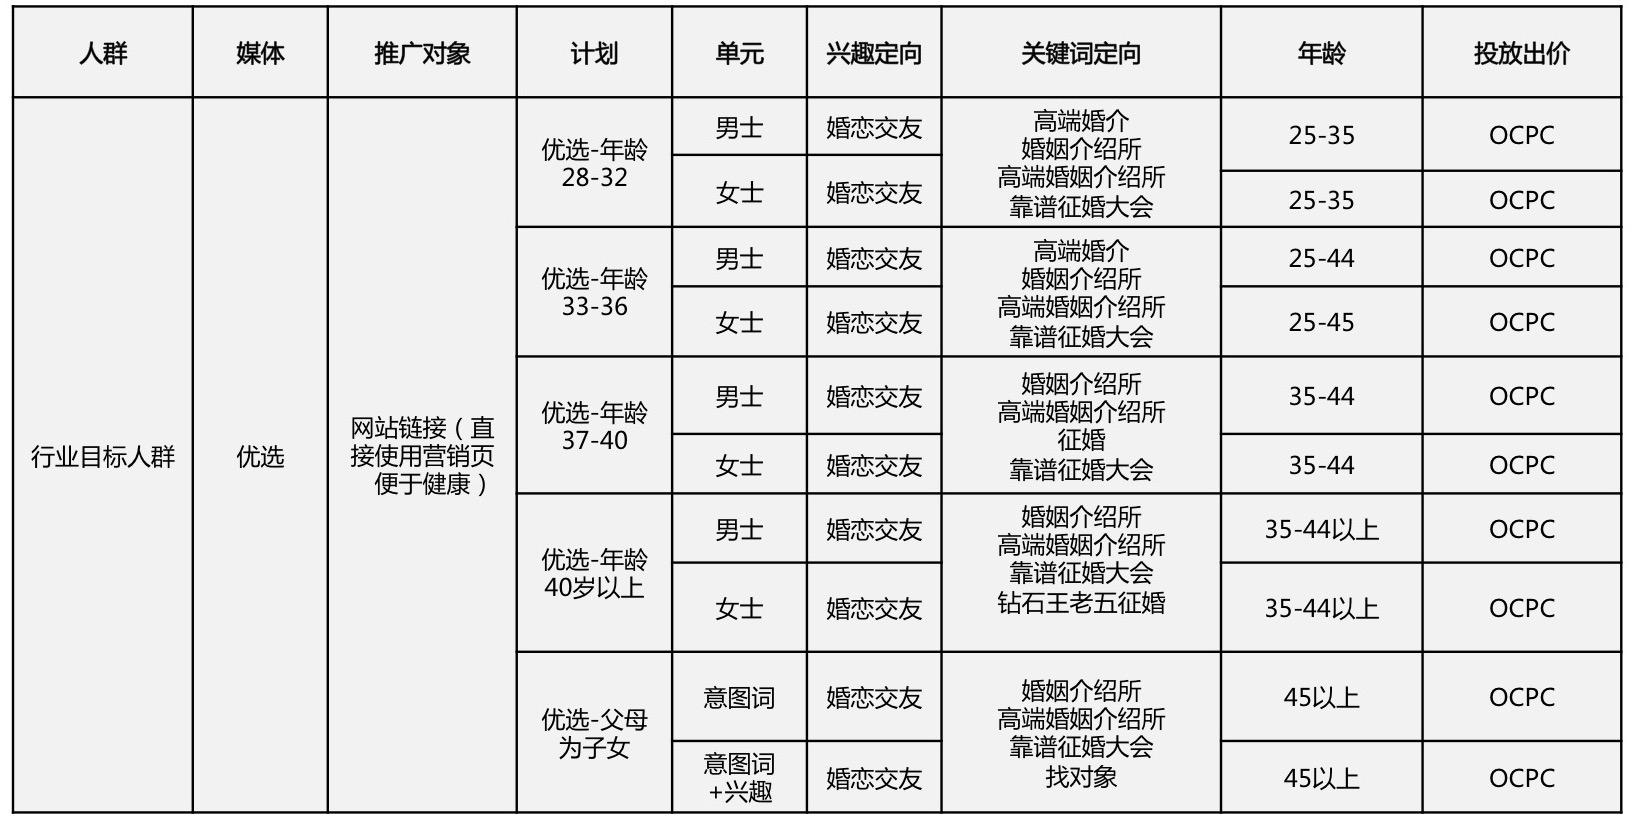 幻灯片04.jpg